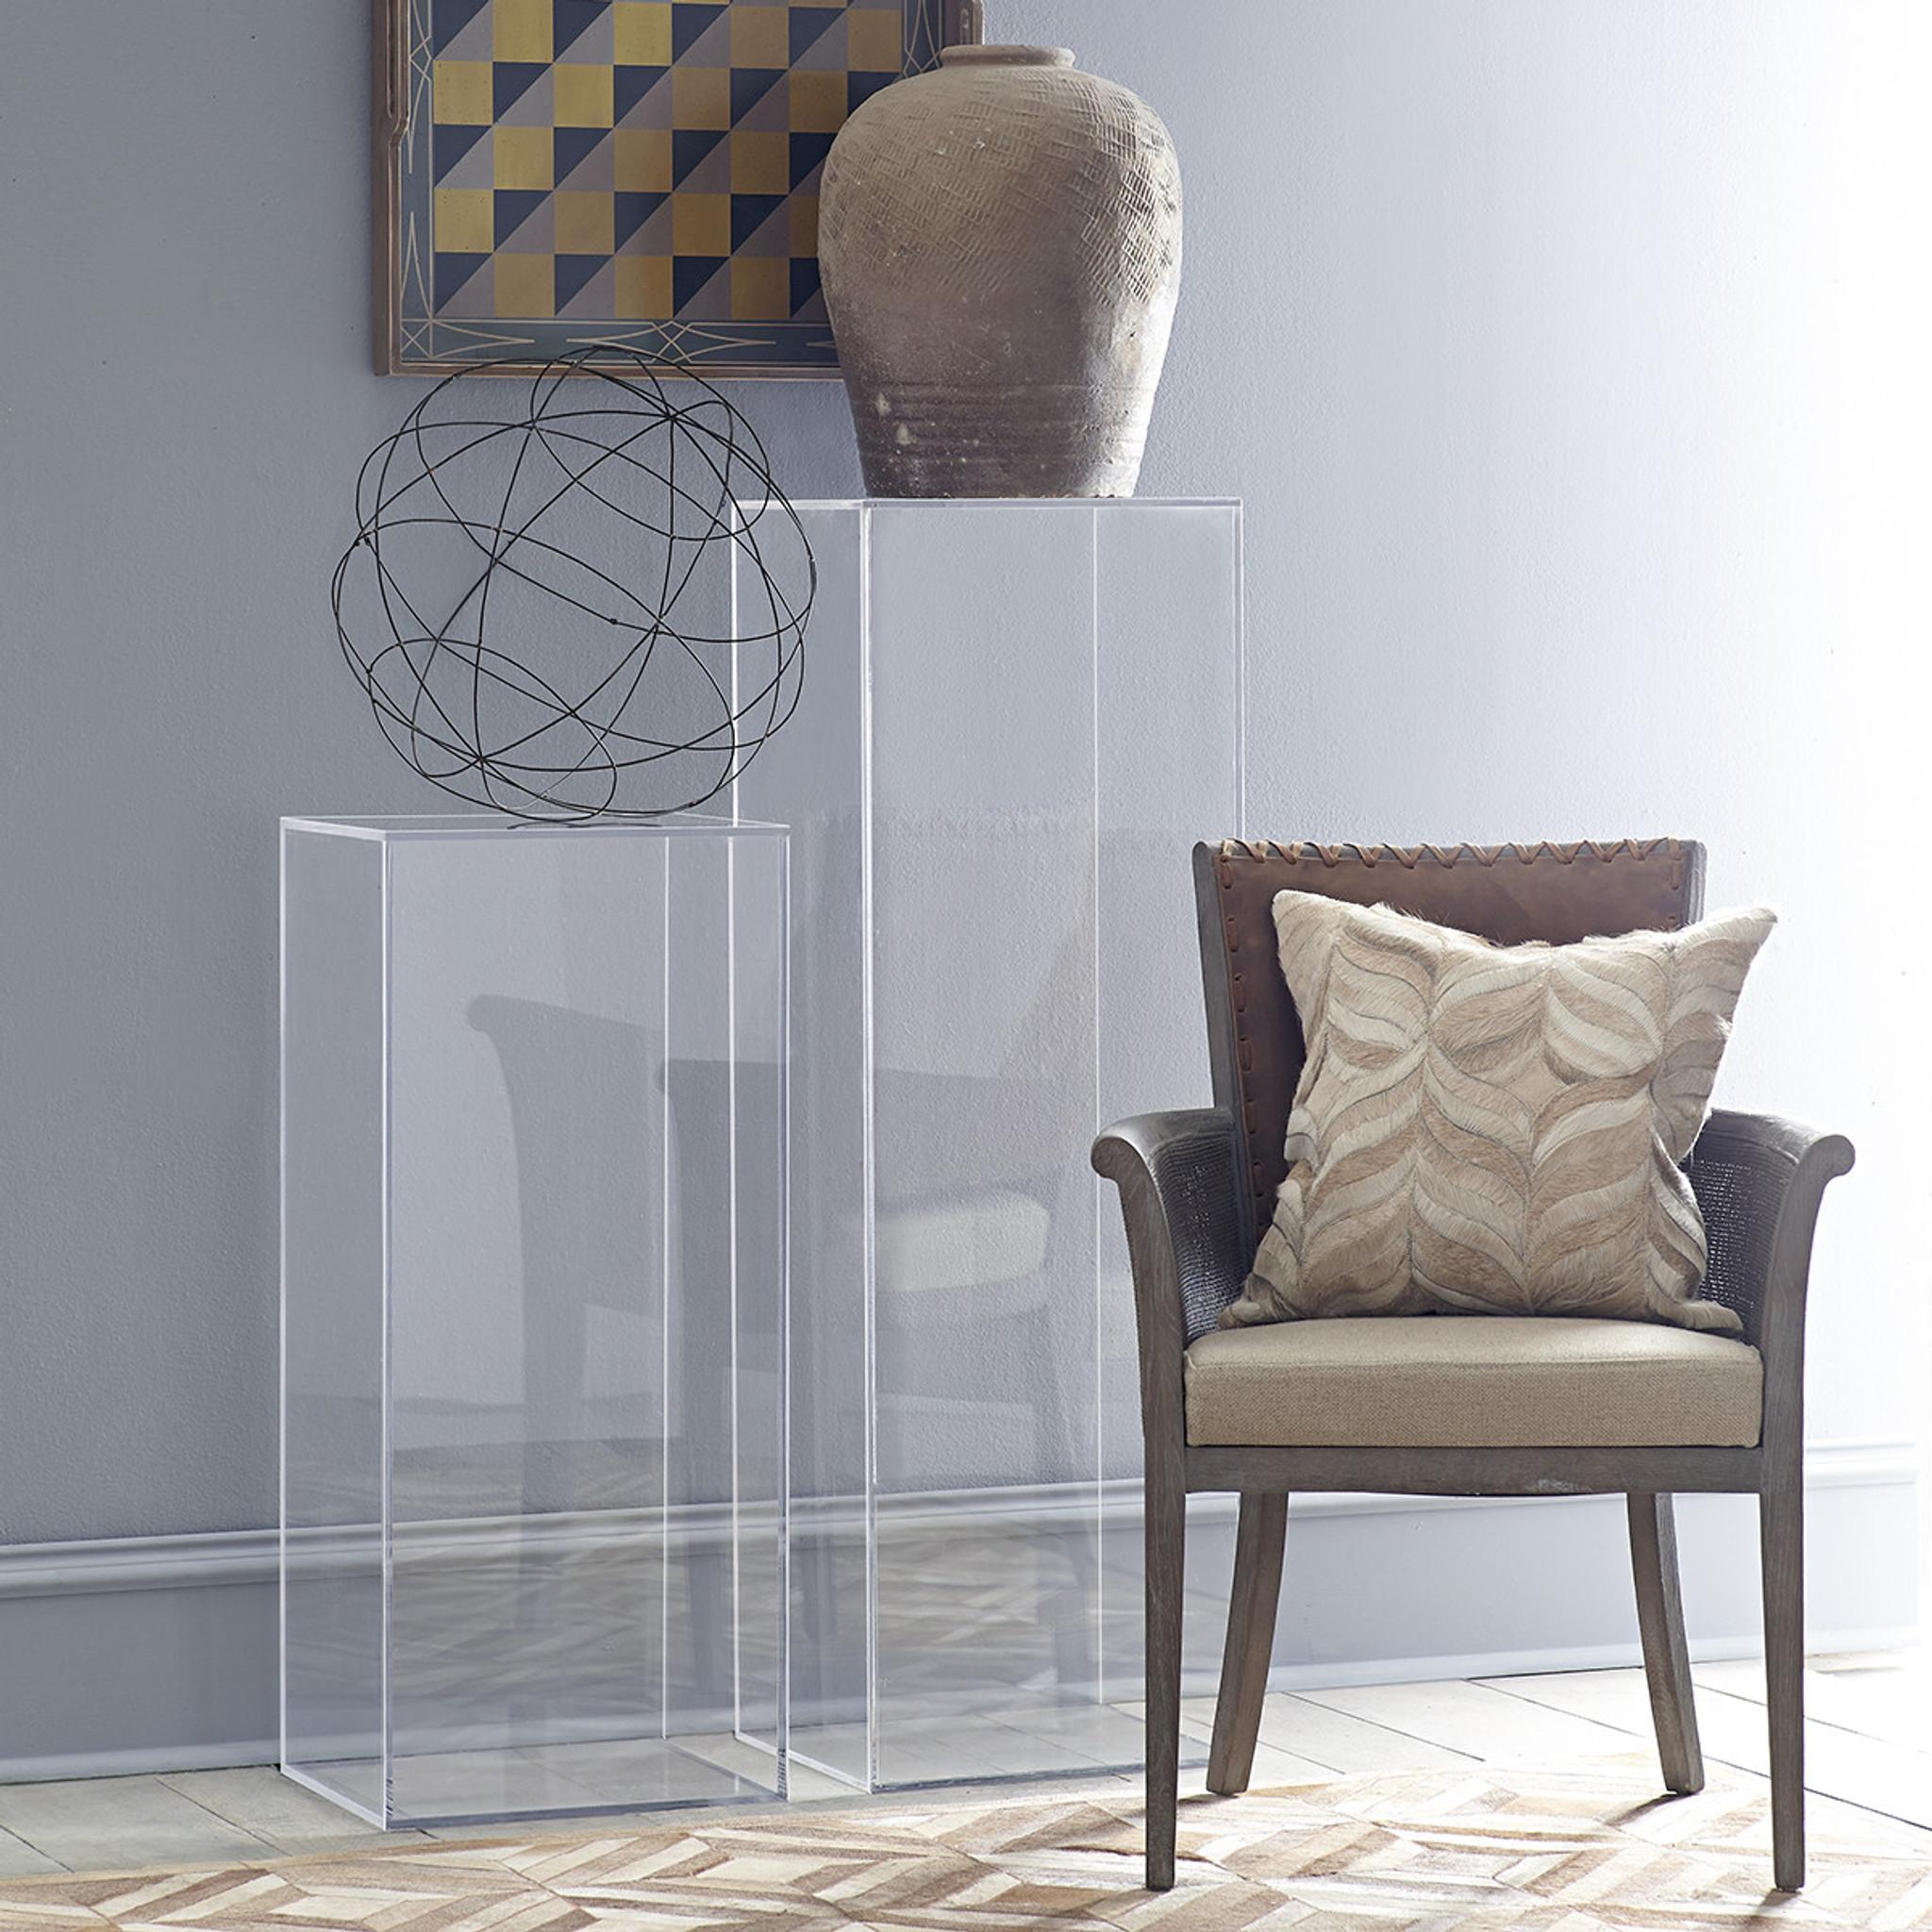 custom clear lucite acrylic tall modern plexiglass art sculpture pedestal stand